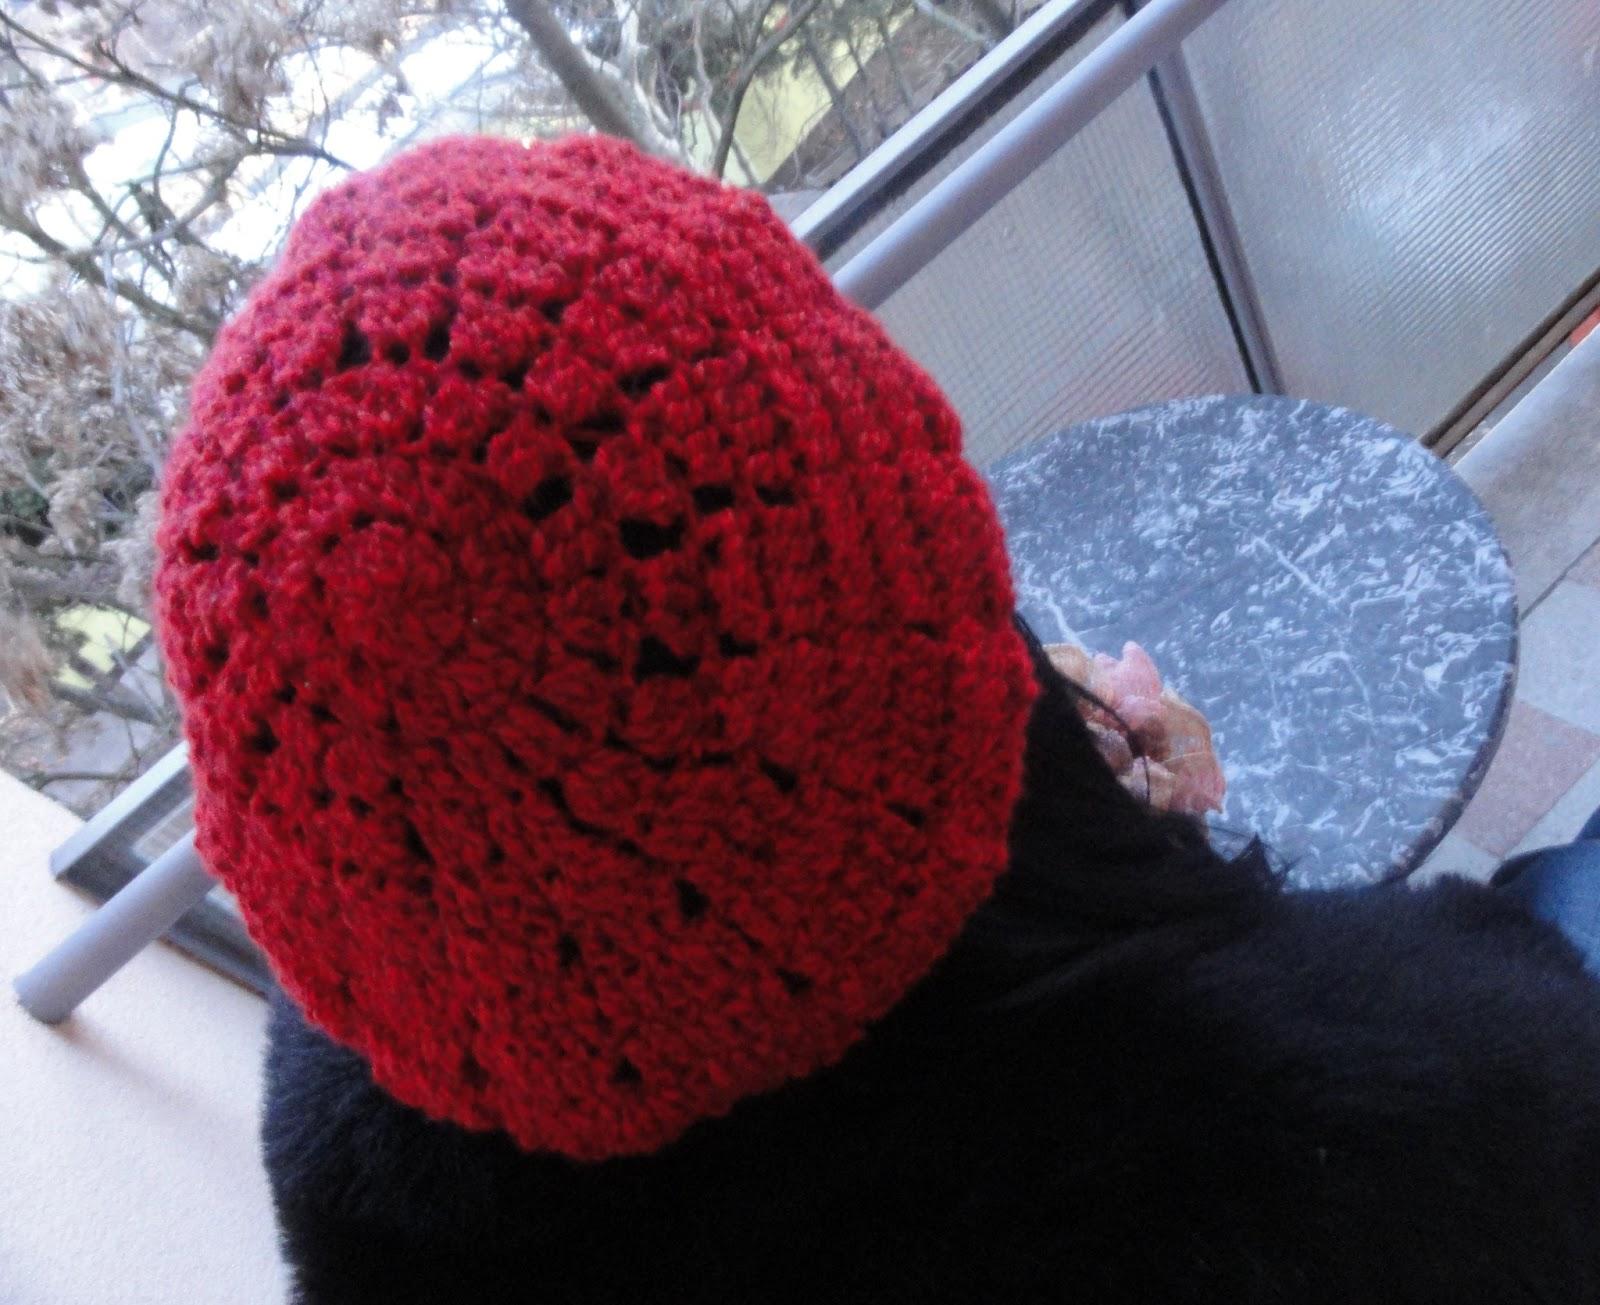 Crochet Beret Hat Pattern Easy : hannicraft: Simple beret crochet pattern